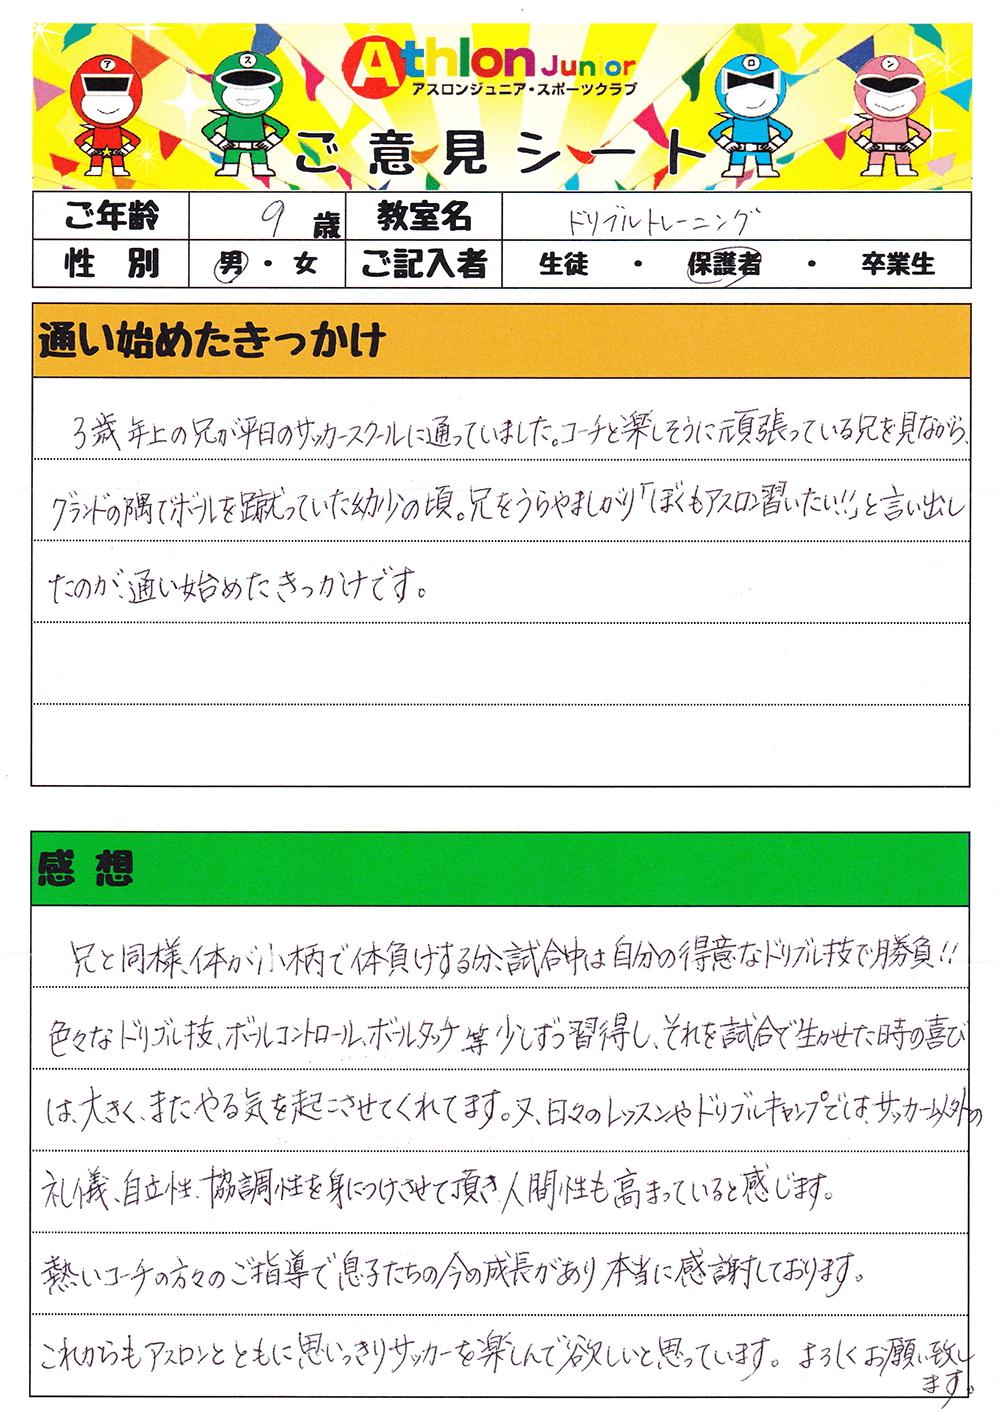 アンケート画像7